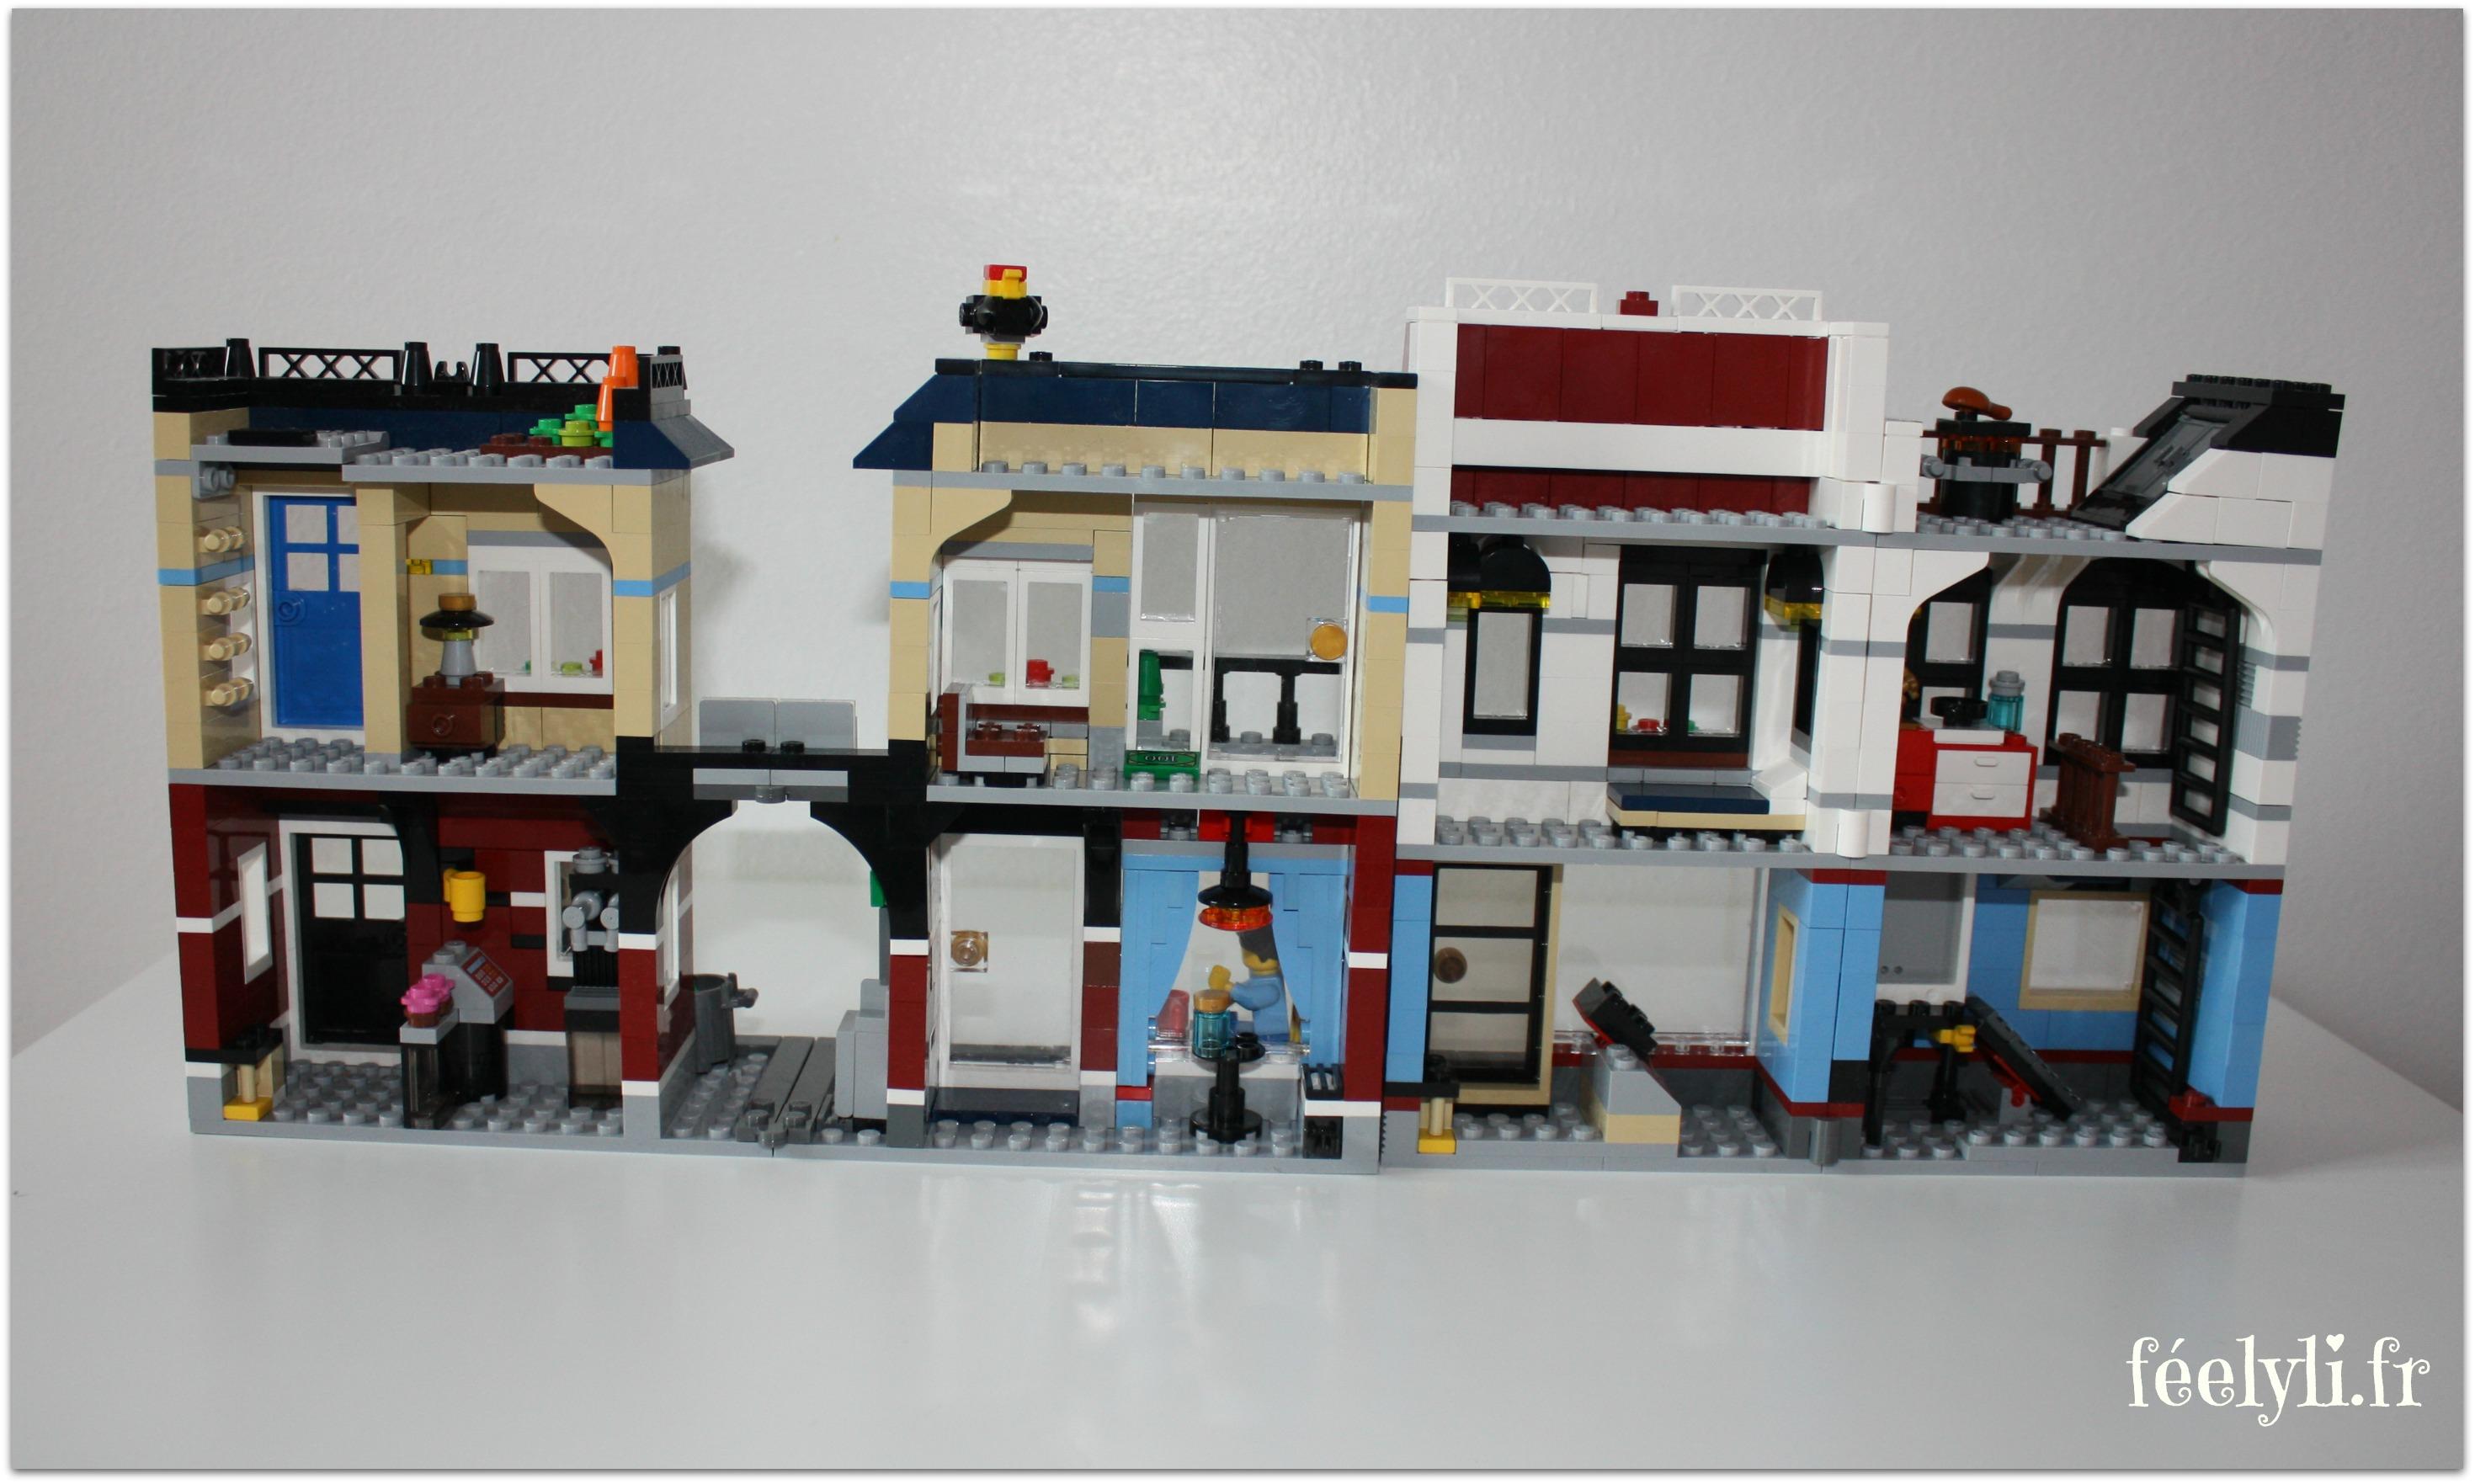 intérieur magasin de vélos et café lego